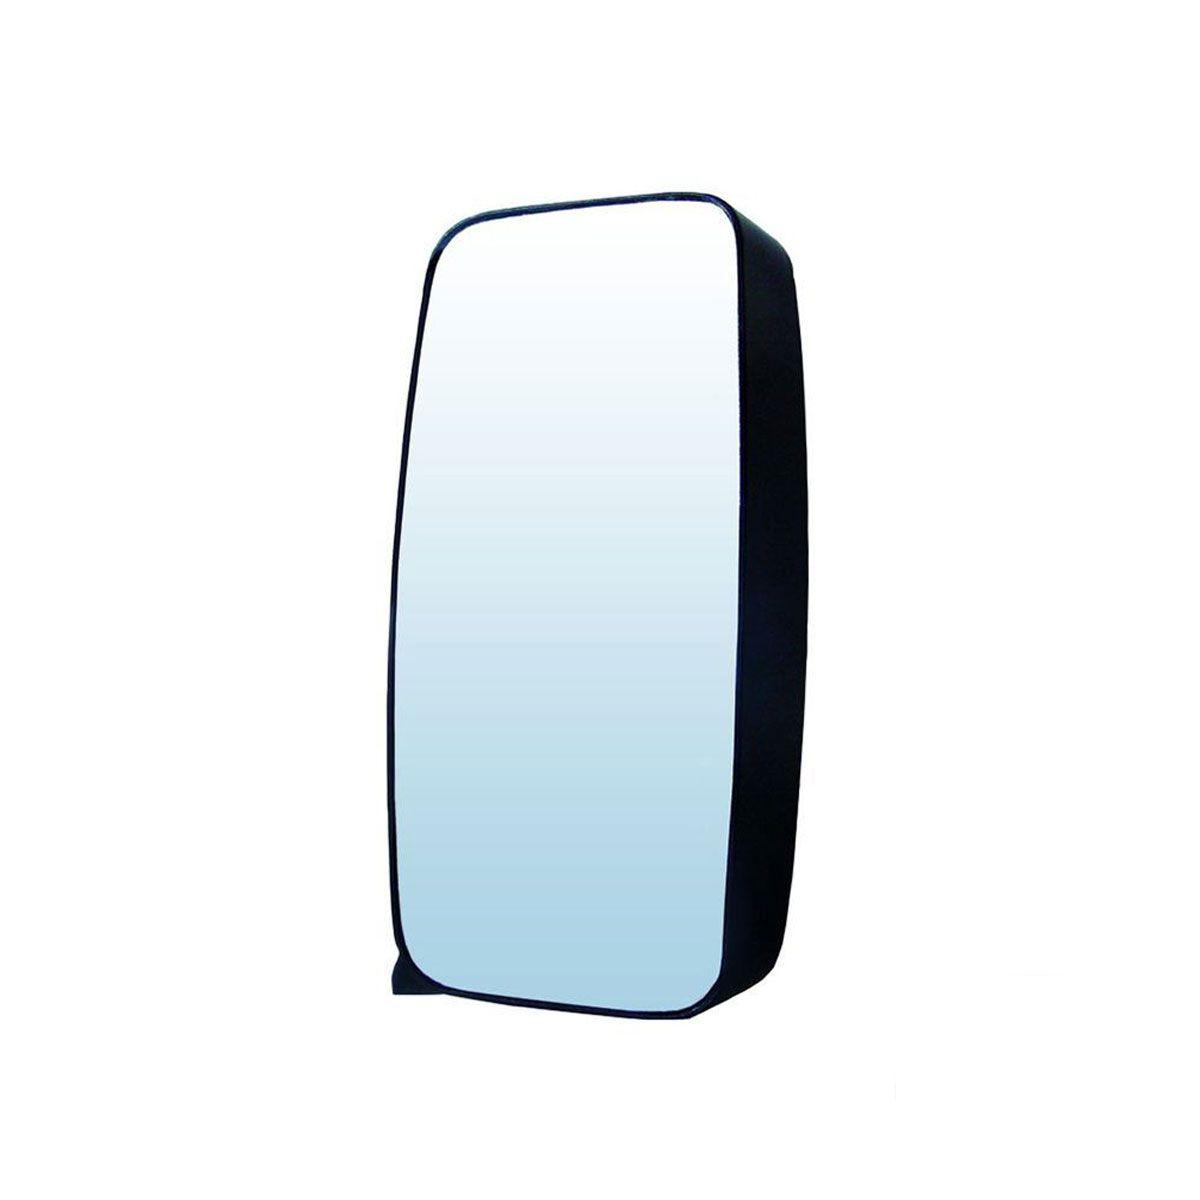 Espelho MB Axor Atego Lado Esquerdo com Desembaçador sem Braço 0028101516